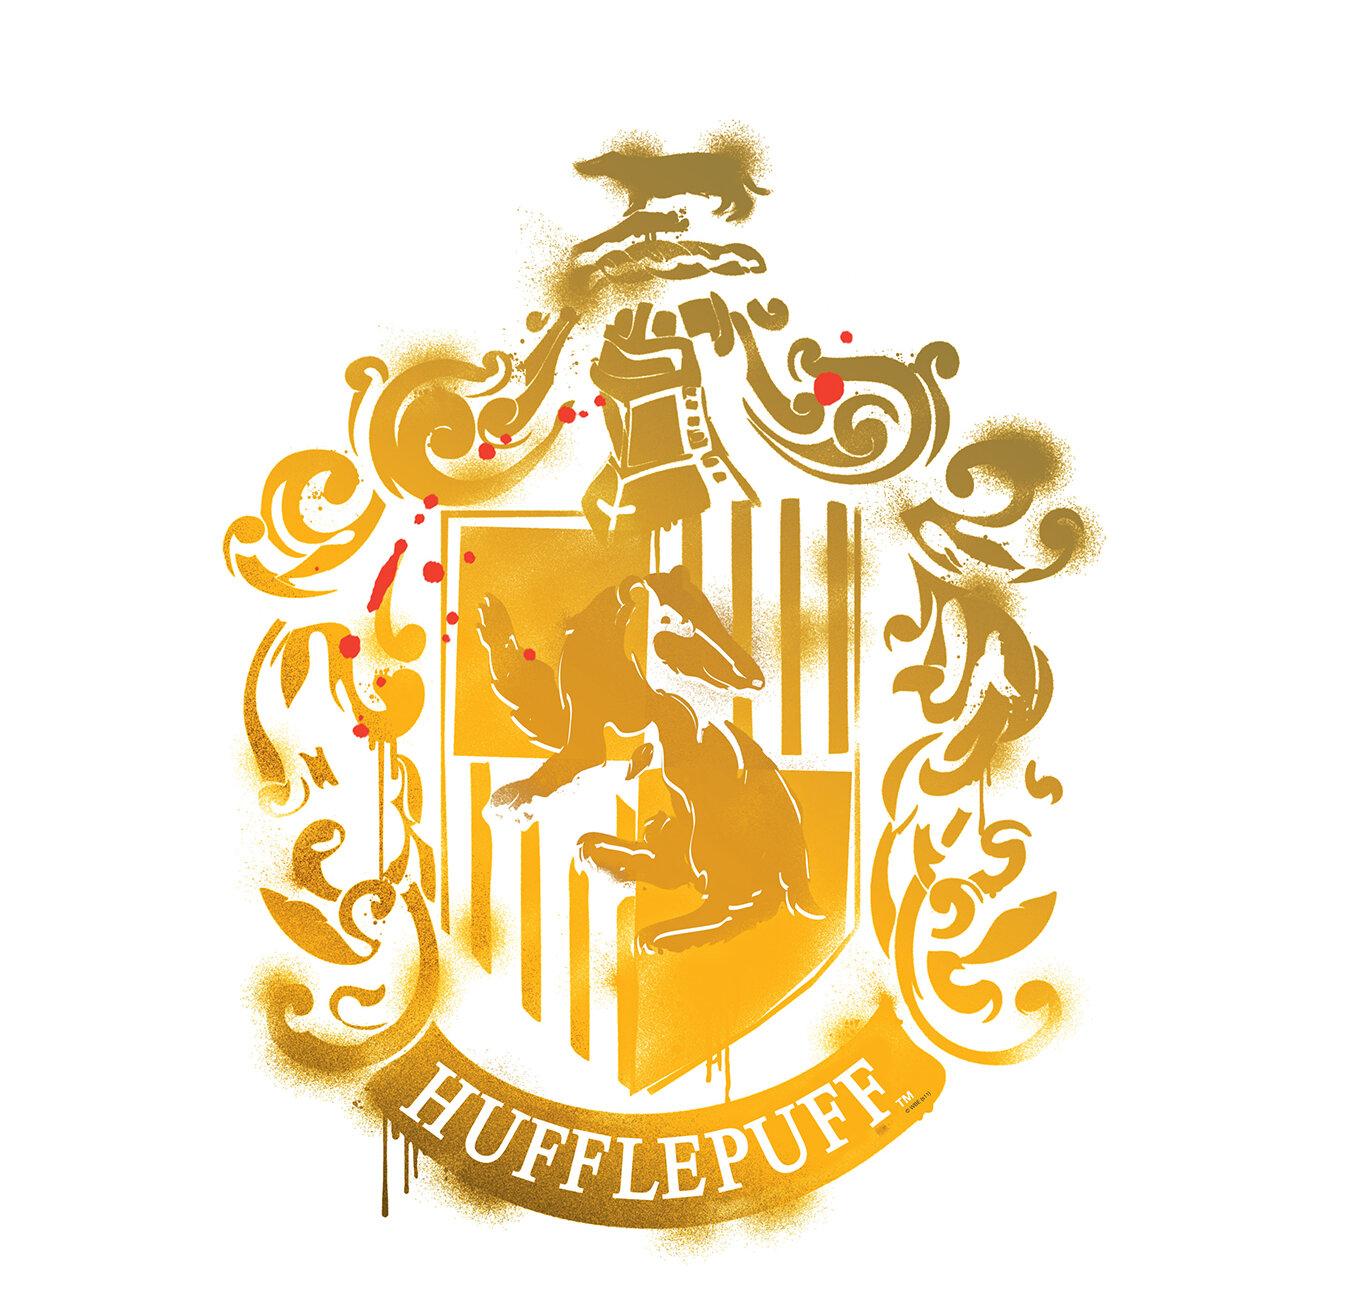 Advanced Graphics Harry Potter 7 Hufflepuff Crest Wall Decal | Wayfair